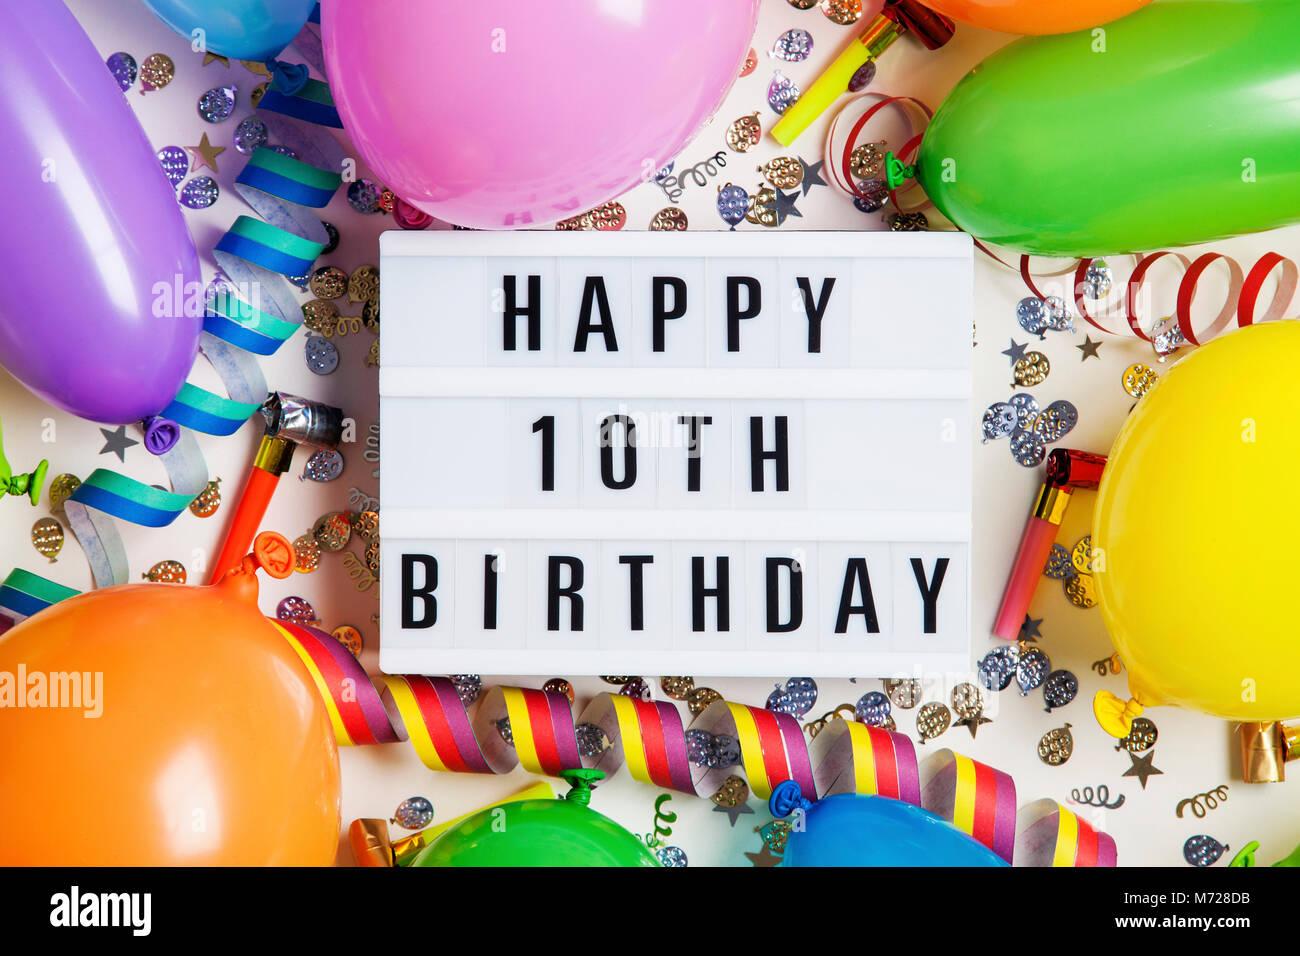 Glucklich 10 Geburtstag Feier Nachricht Auf Ein Leuchtpult Mit Ballons Und Konfetti Stockbild